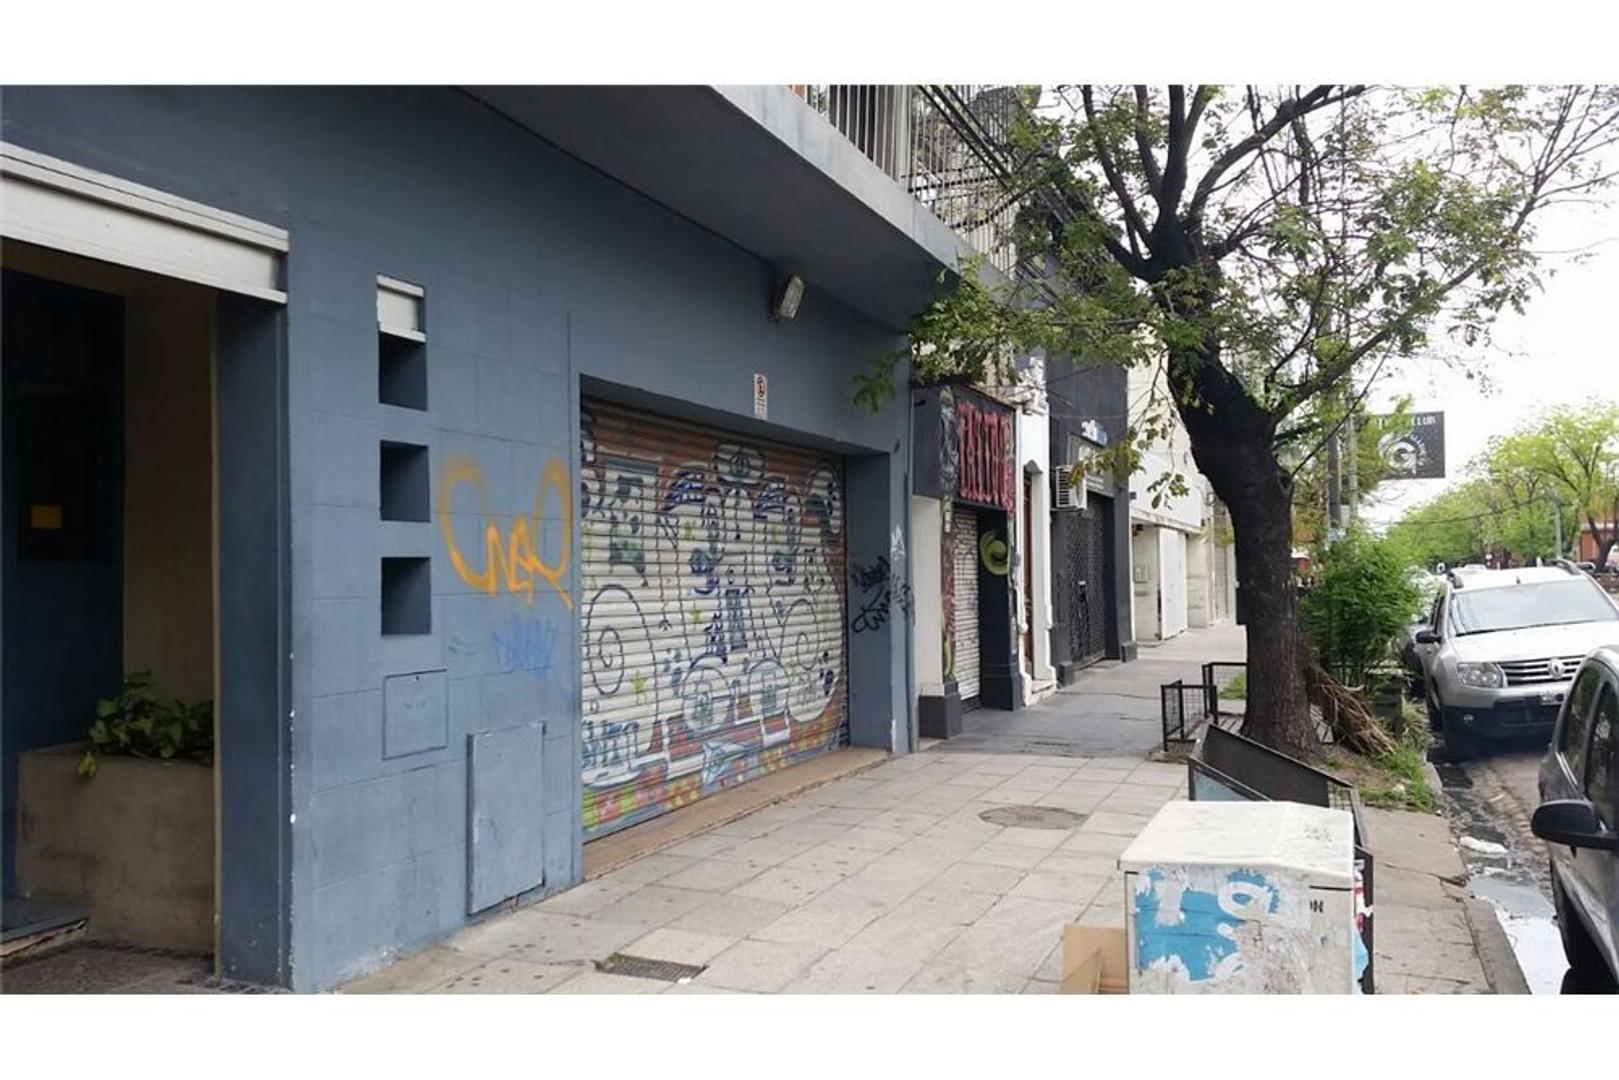 Local en Alquiler Av. Rivadavia 16400 Haedo